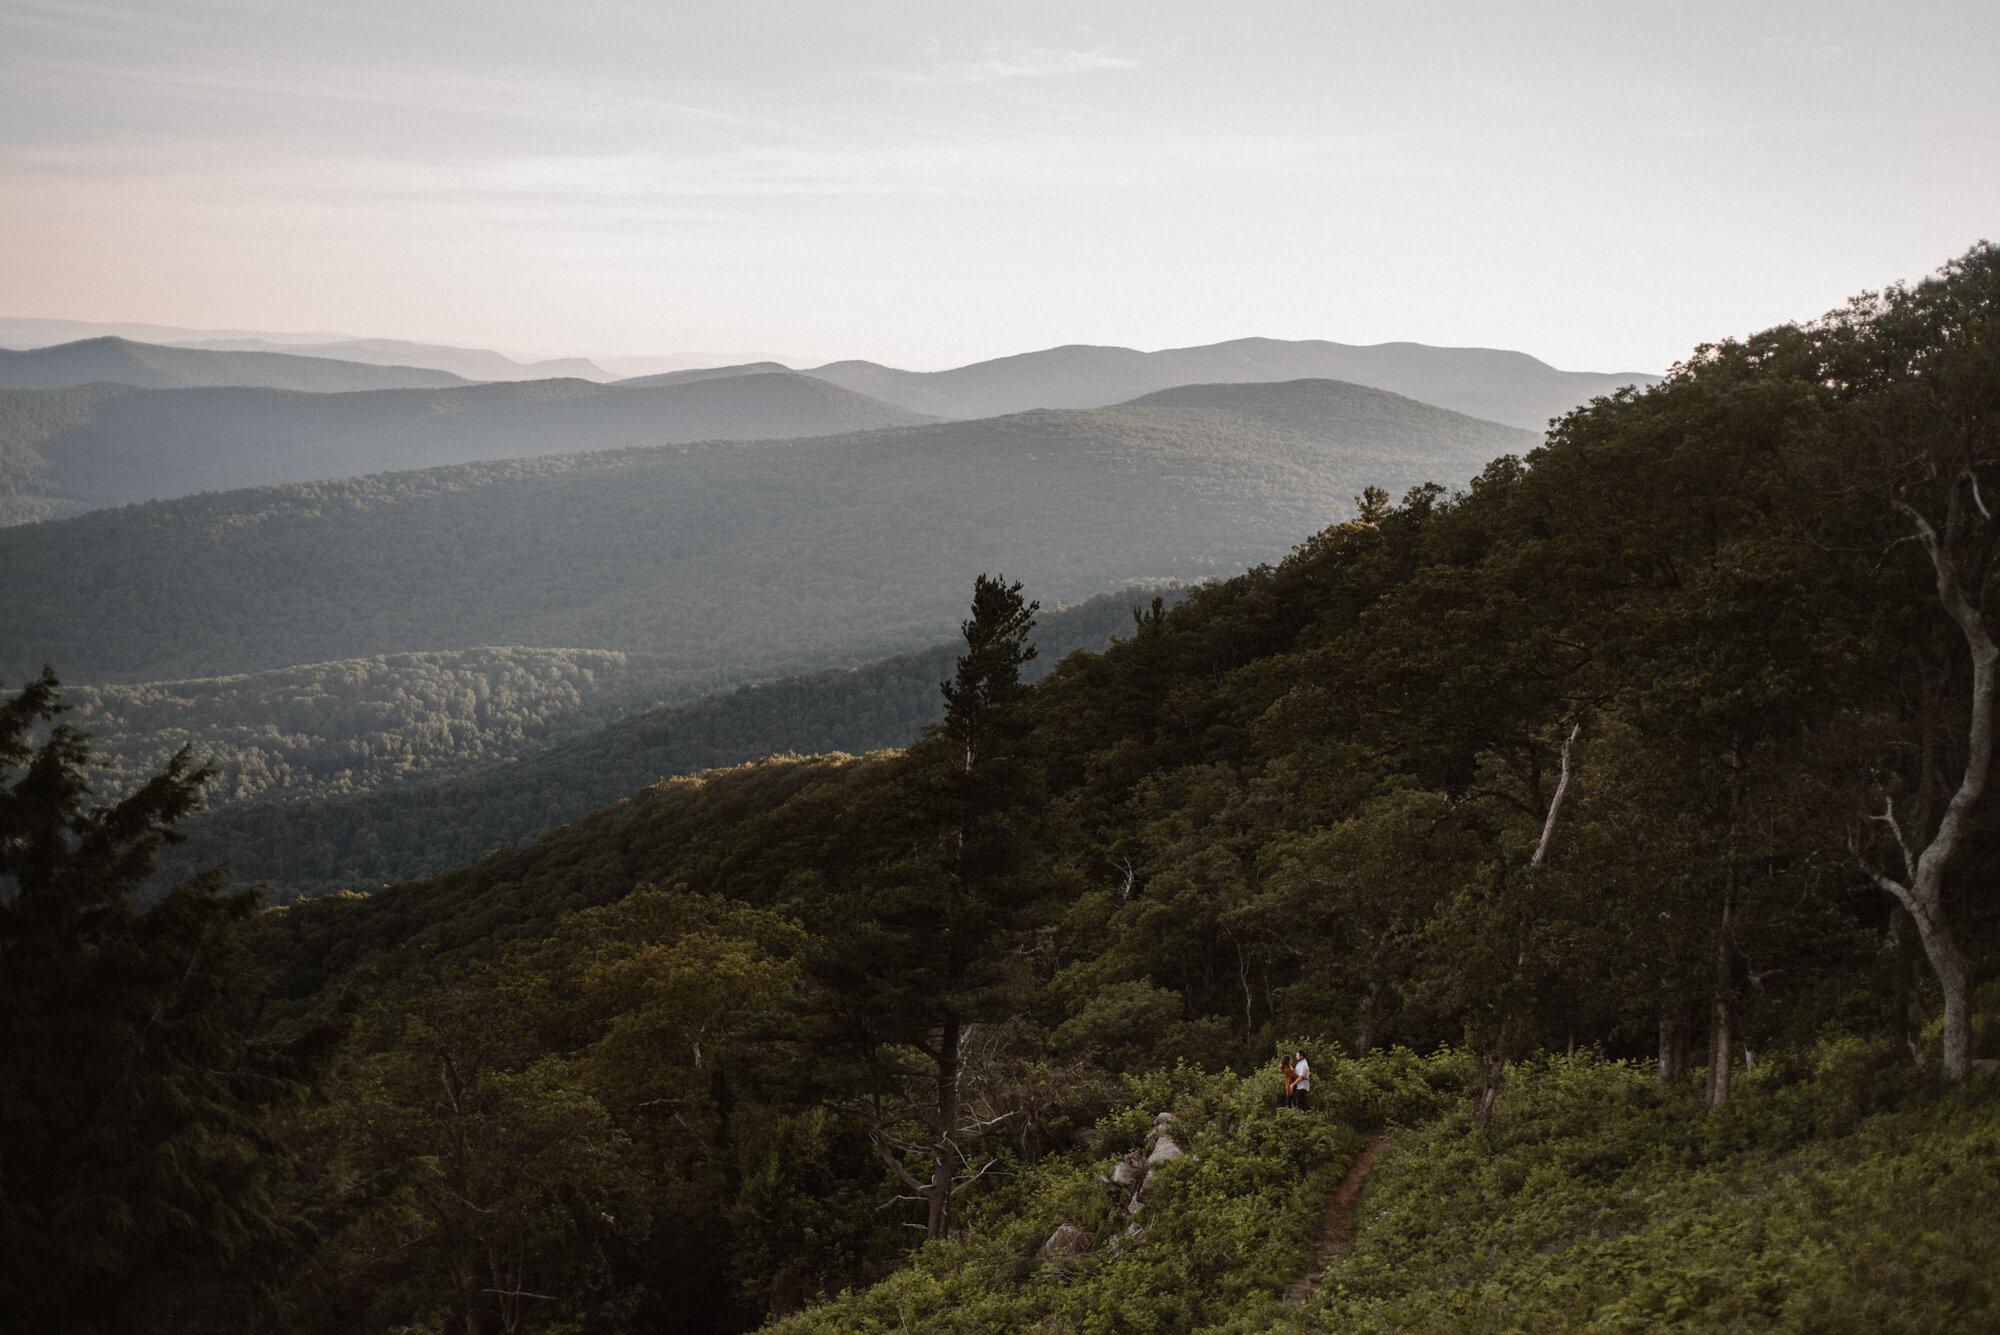 Shenandoah National Park Engagement Session - Sunrise Mountain Couple Photo Shoot - Blue Ridge Mountain Photo Shoot - Shenandoah National Park Photographer - White Sails Creative _20.jpg